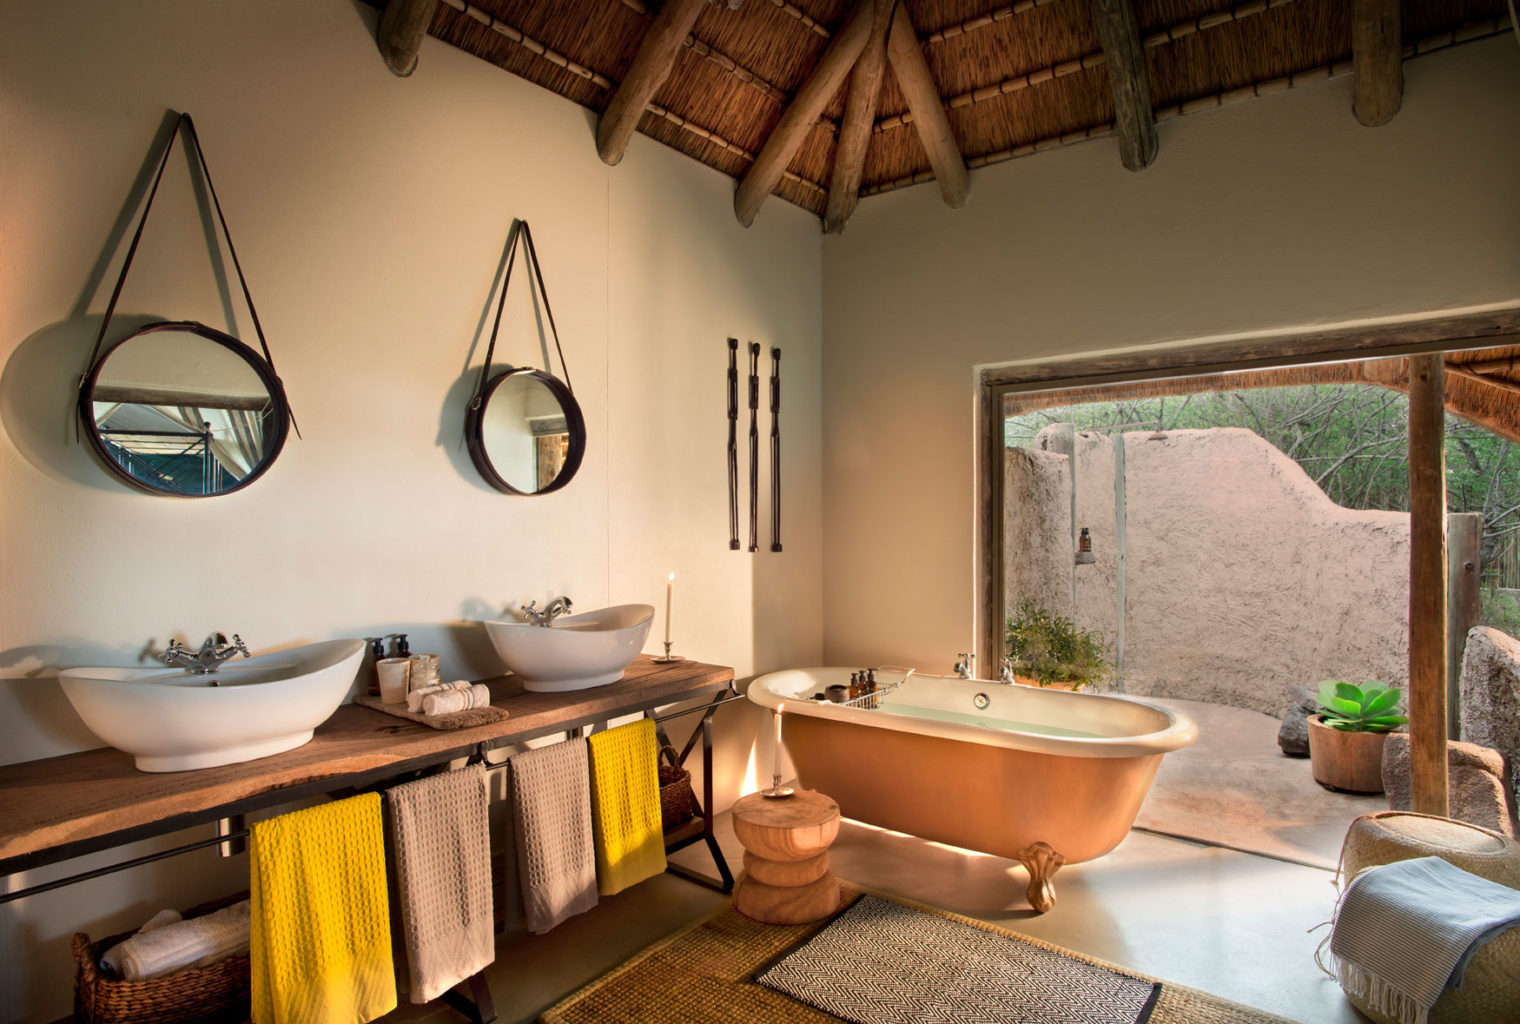 Tanda Tula South Africa Bathroom